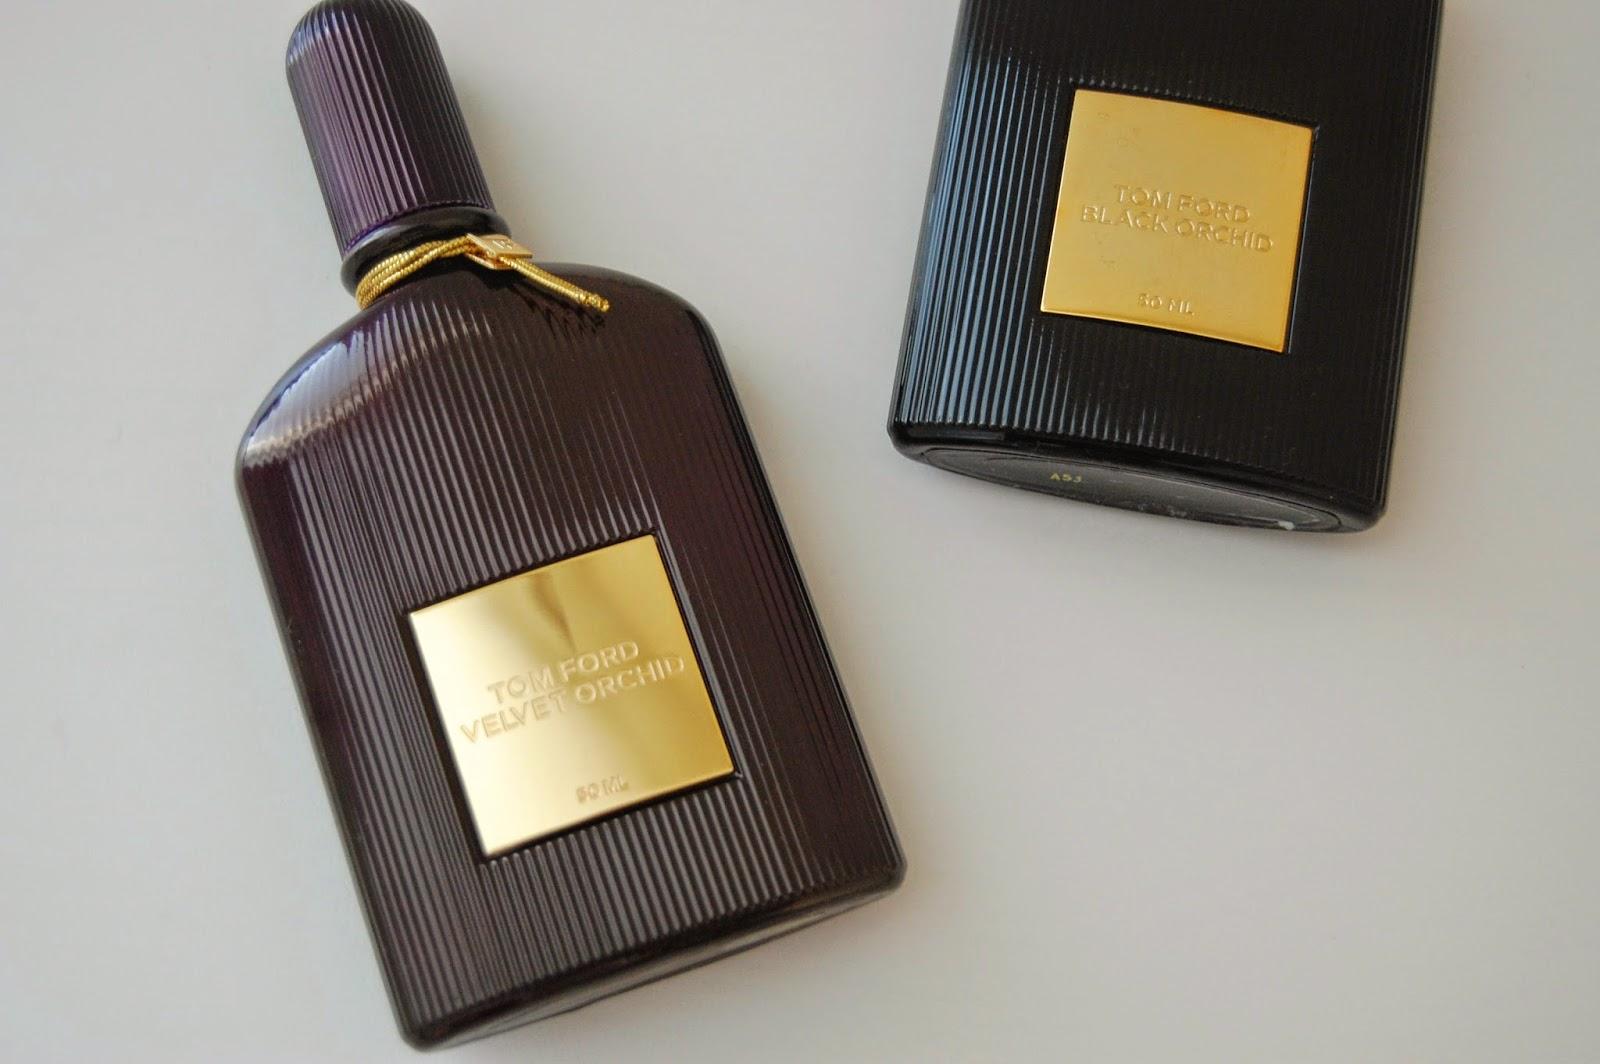 Tom_Ford_Velvet_Orchid_Eau_De_Parfum